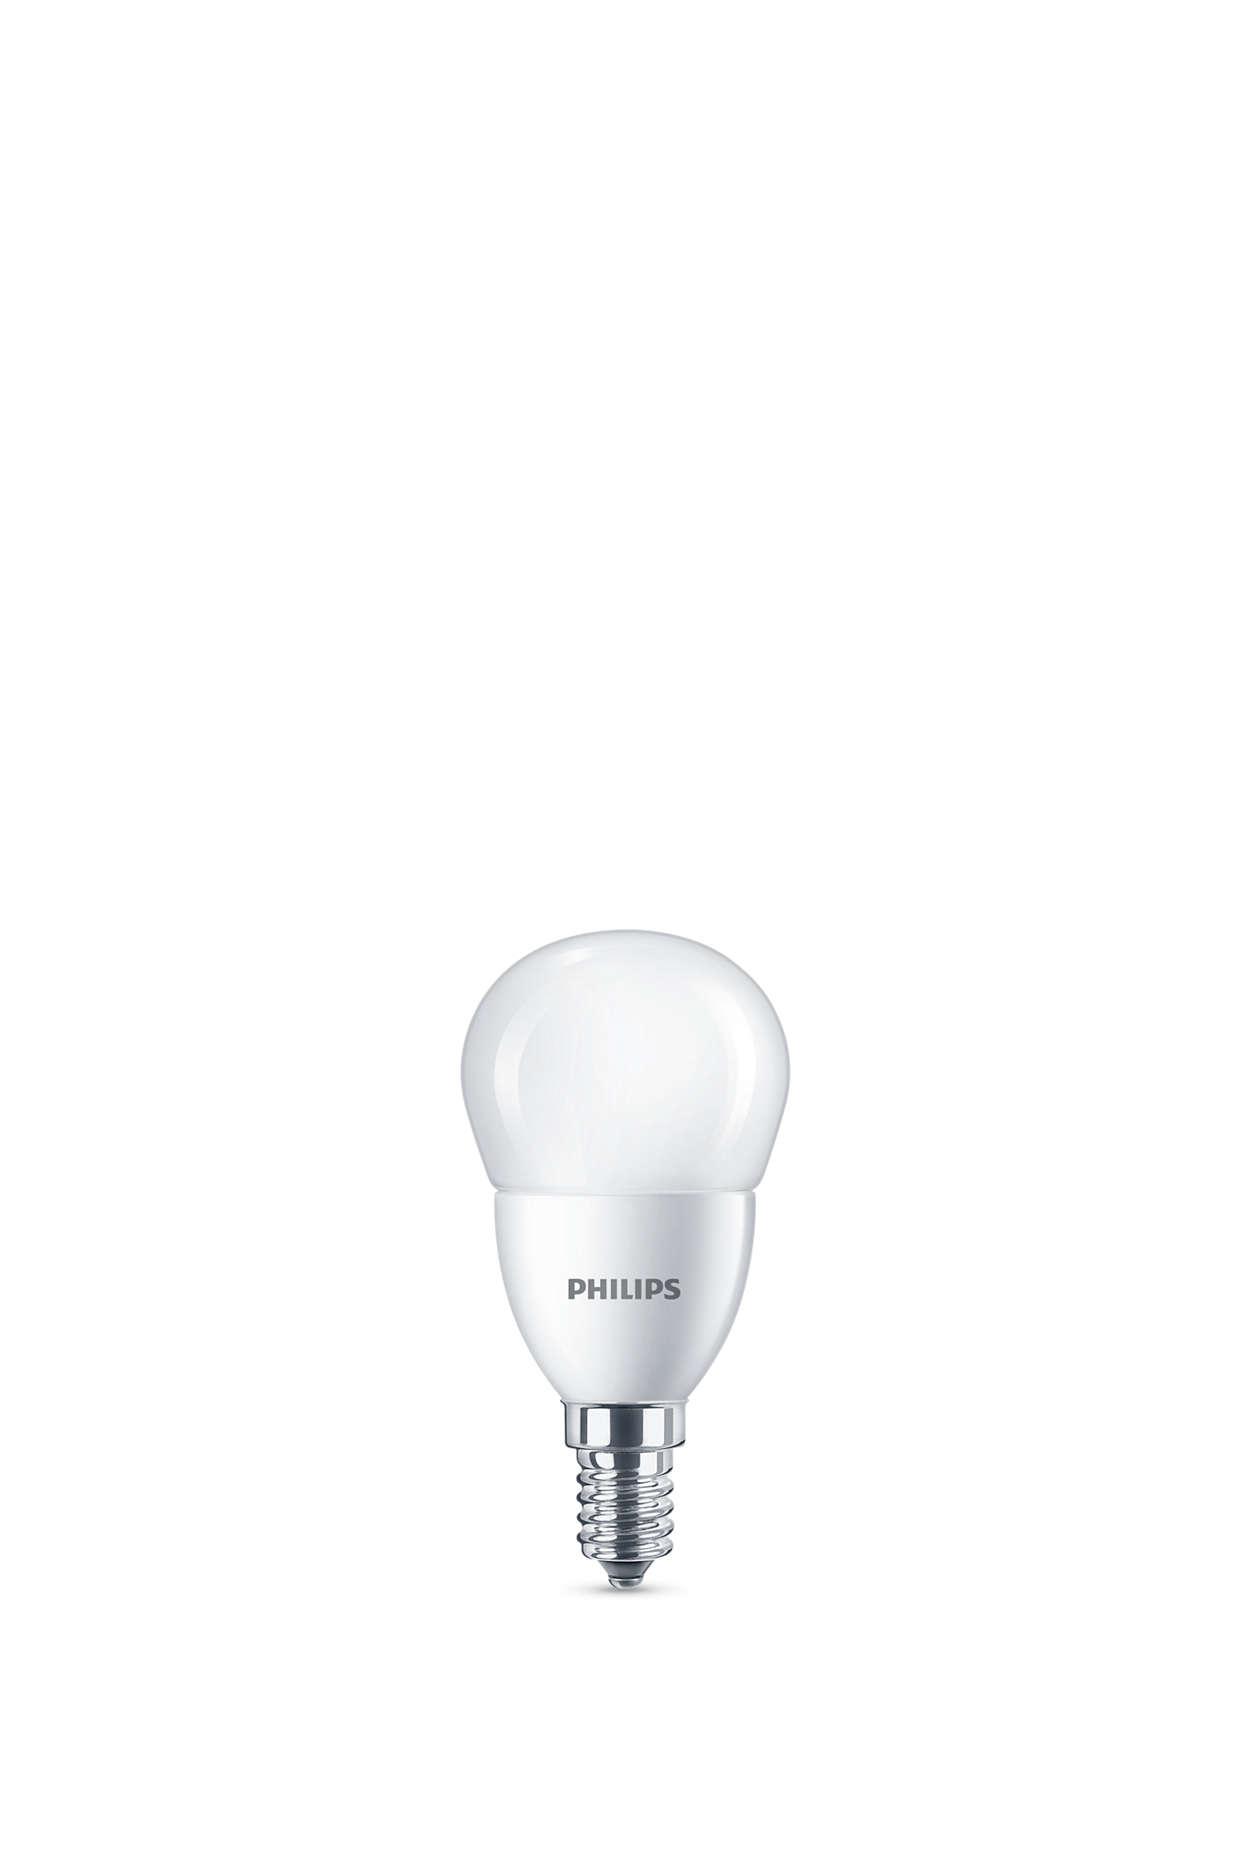 Яскраве світлодіодне освітлення, відмінна якість світла